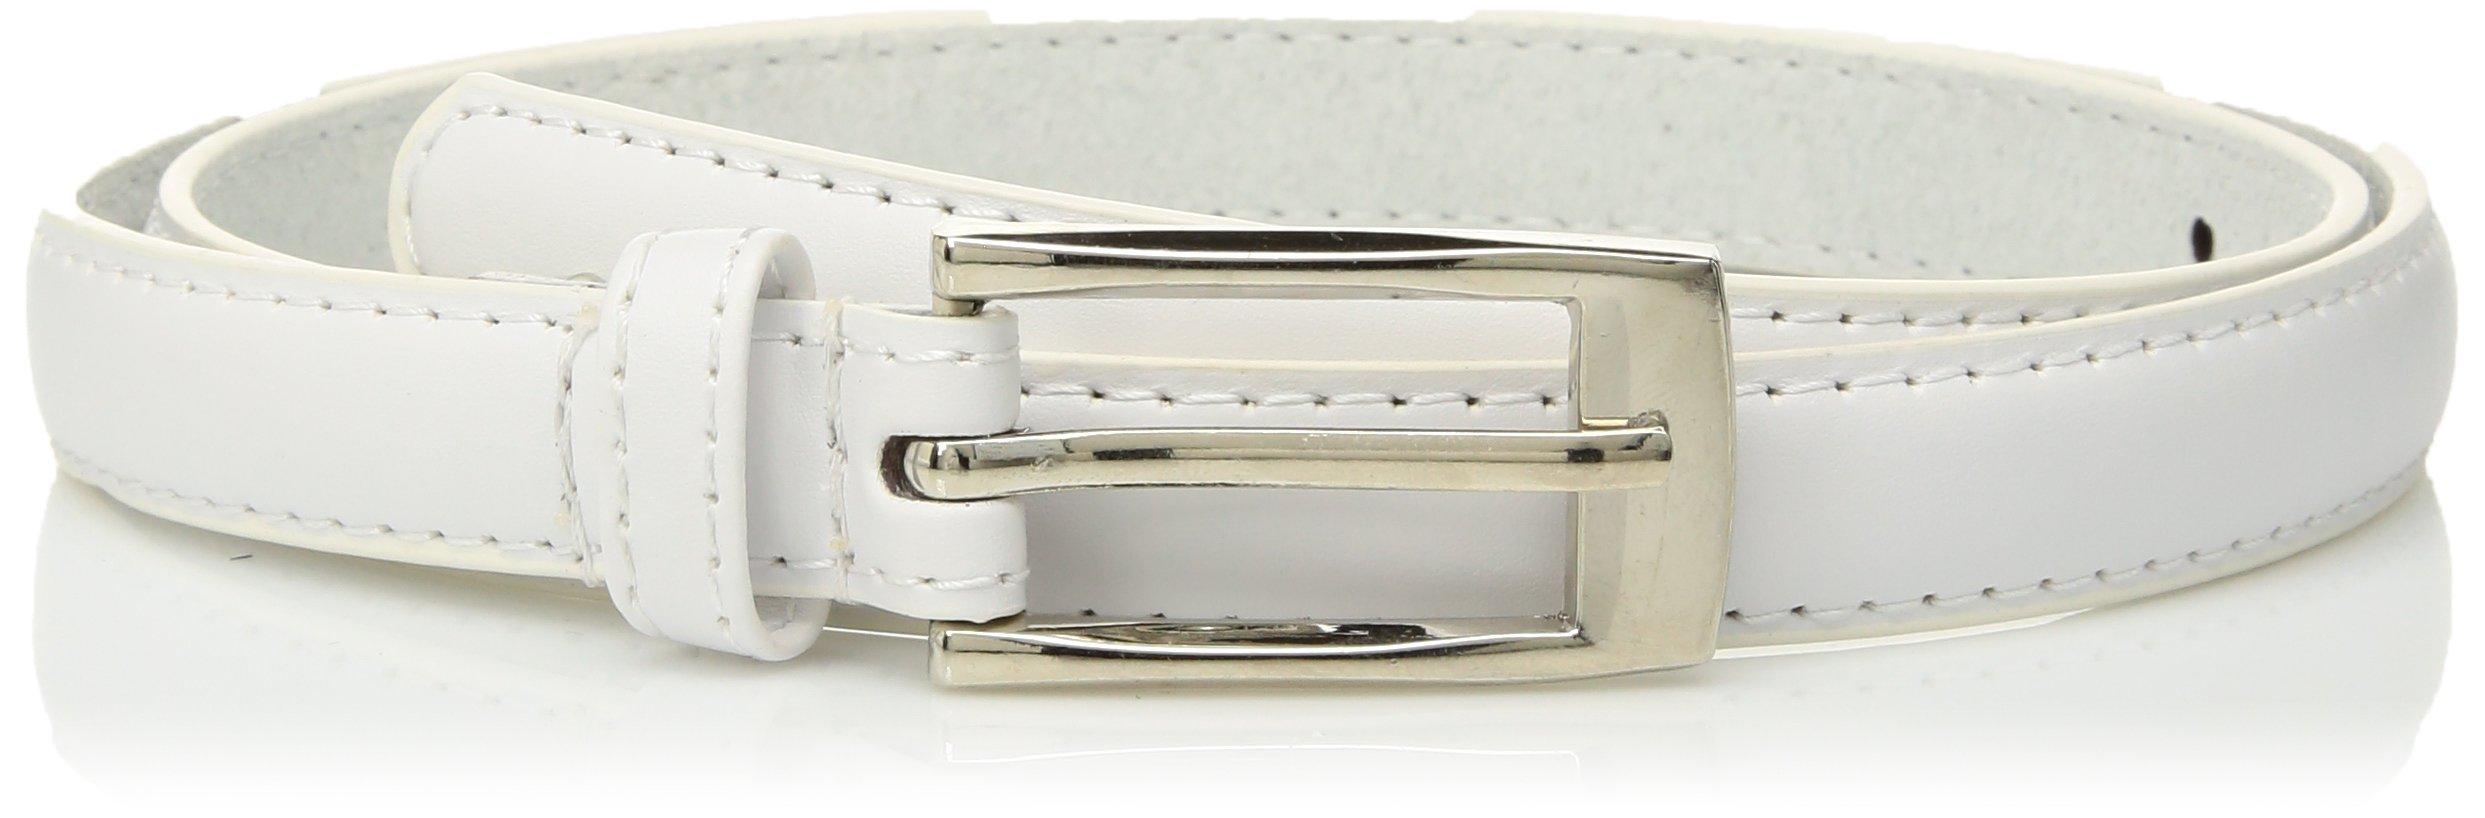 Solid Color Leather Adjustable Skinny Belt